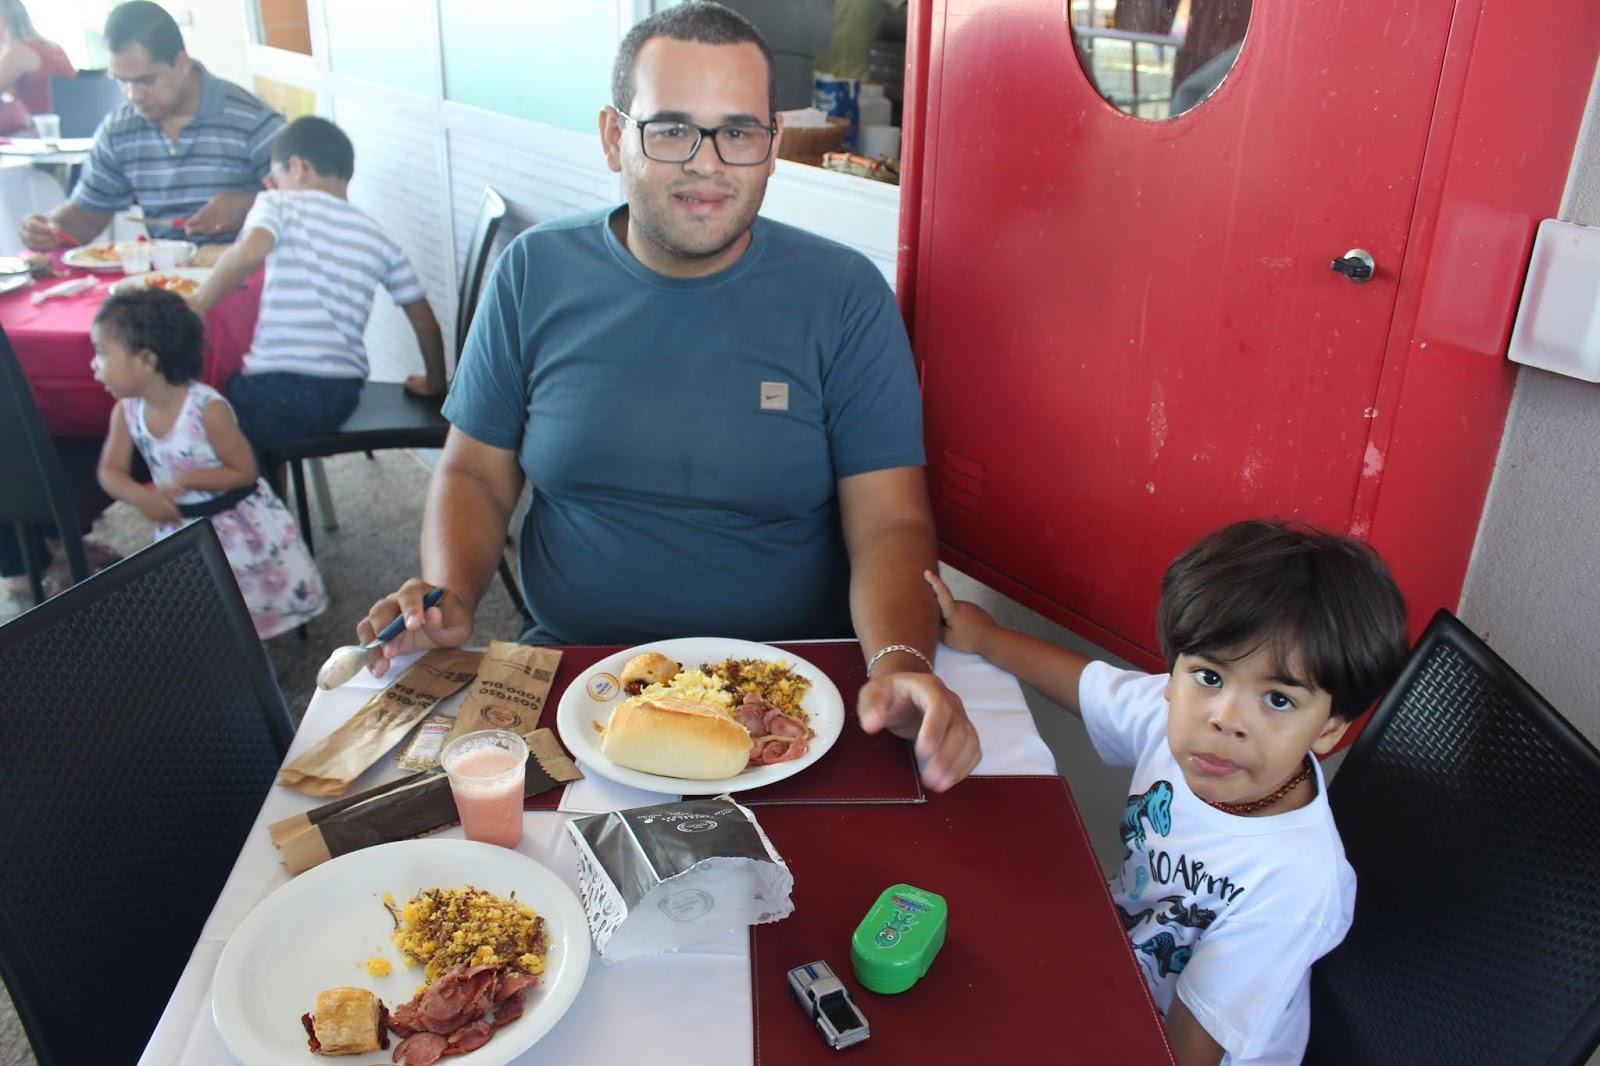 IMG 3632 - Dia 12 de maio dia das Mães no Jardins Mangueiral foi com muta diverção e alegria com um lindo café da manha